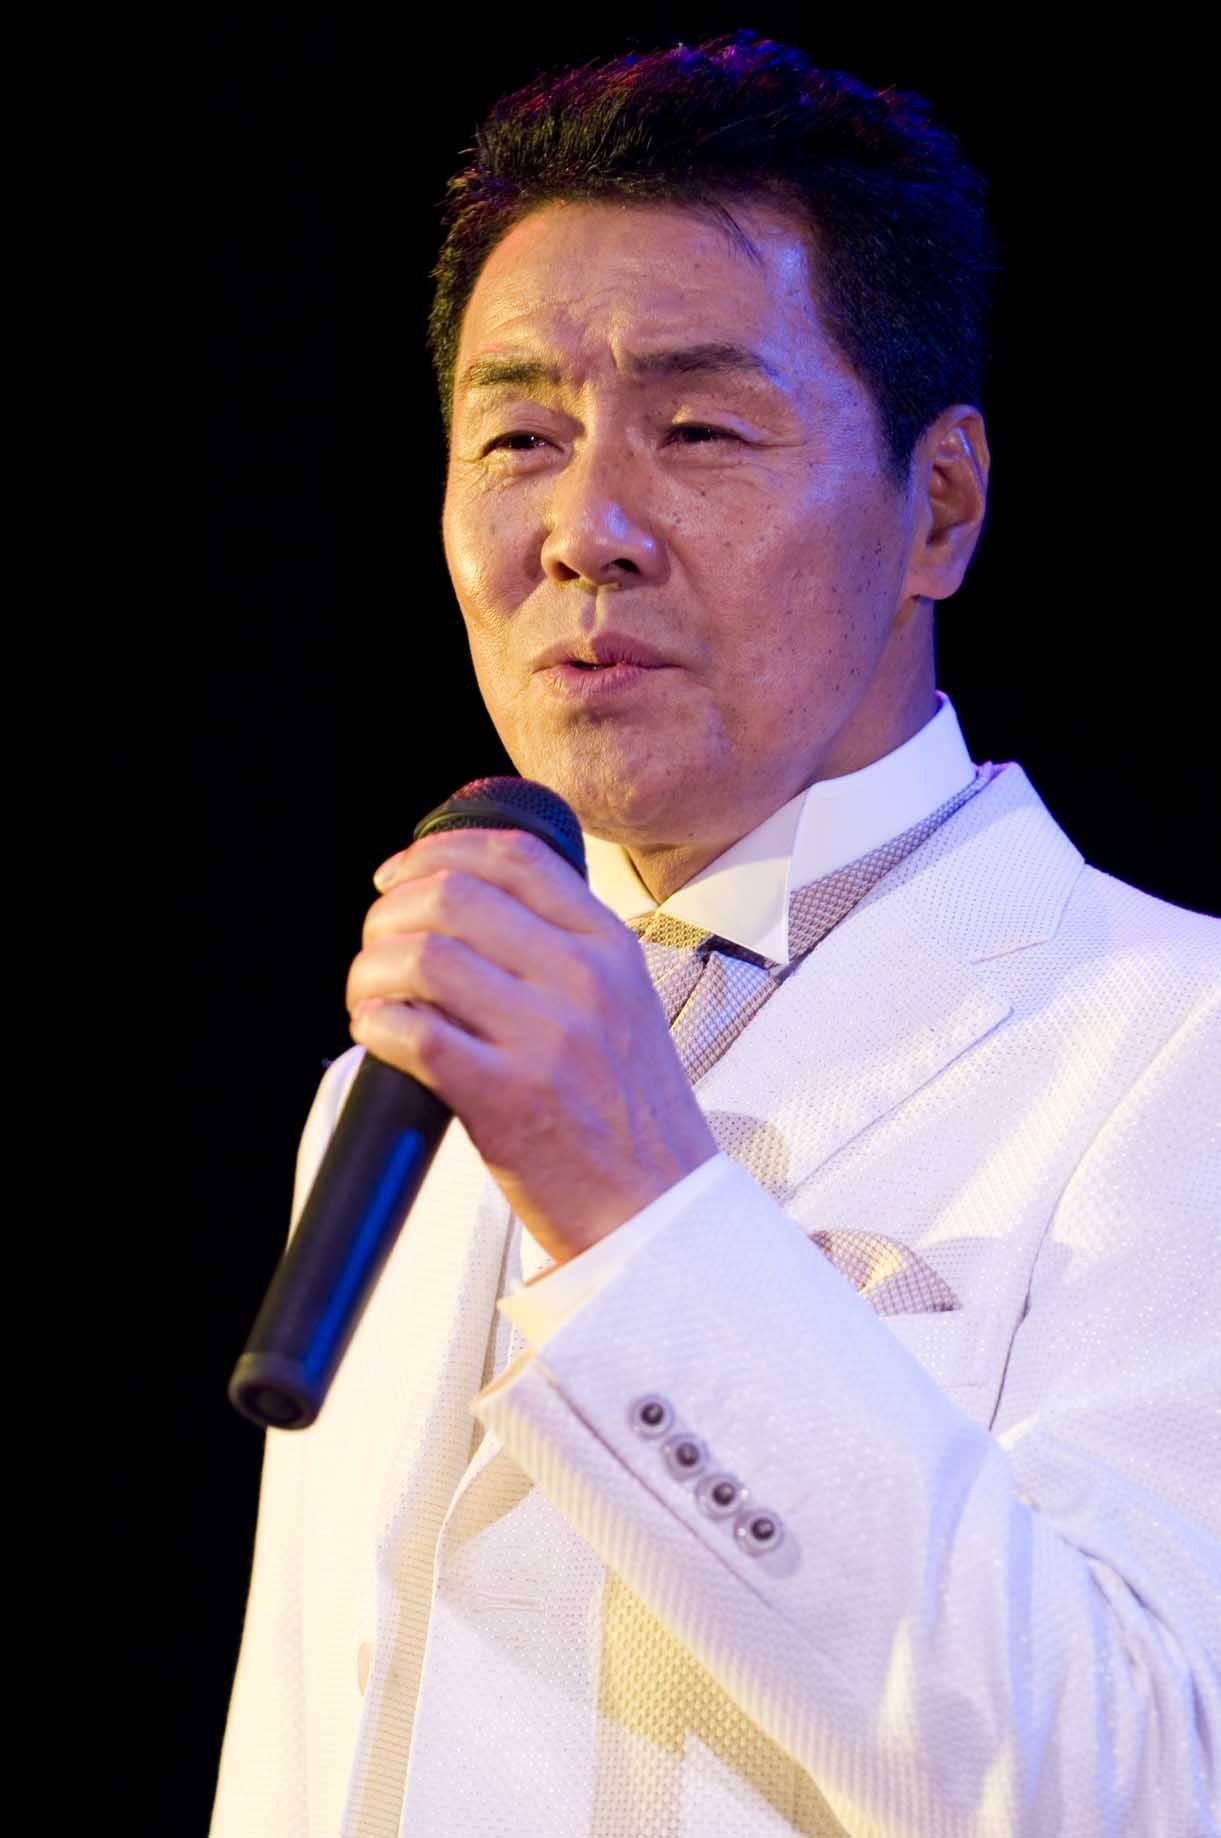 五木ひろしがNHK歌謡コンサート出演が大層な話題になっている件のサムネイル画像